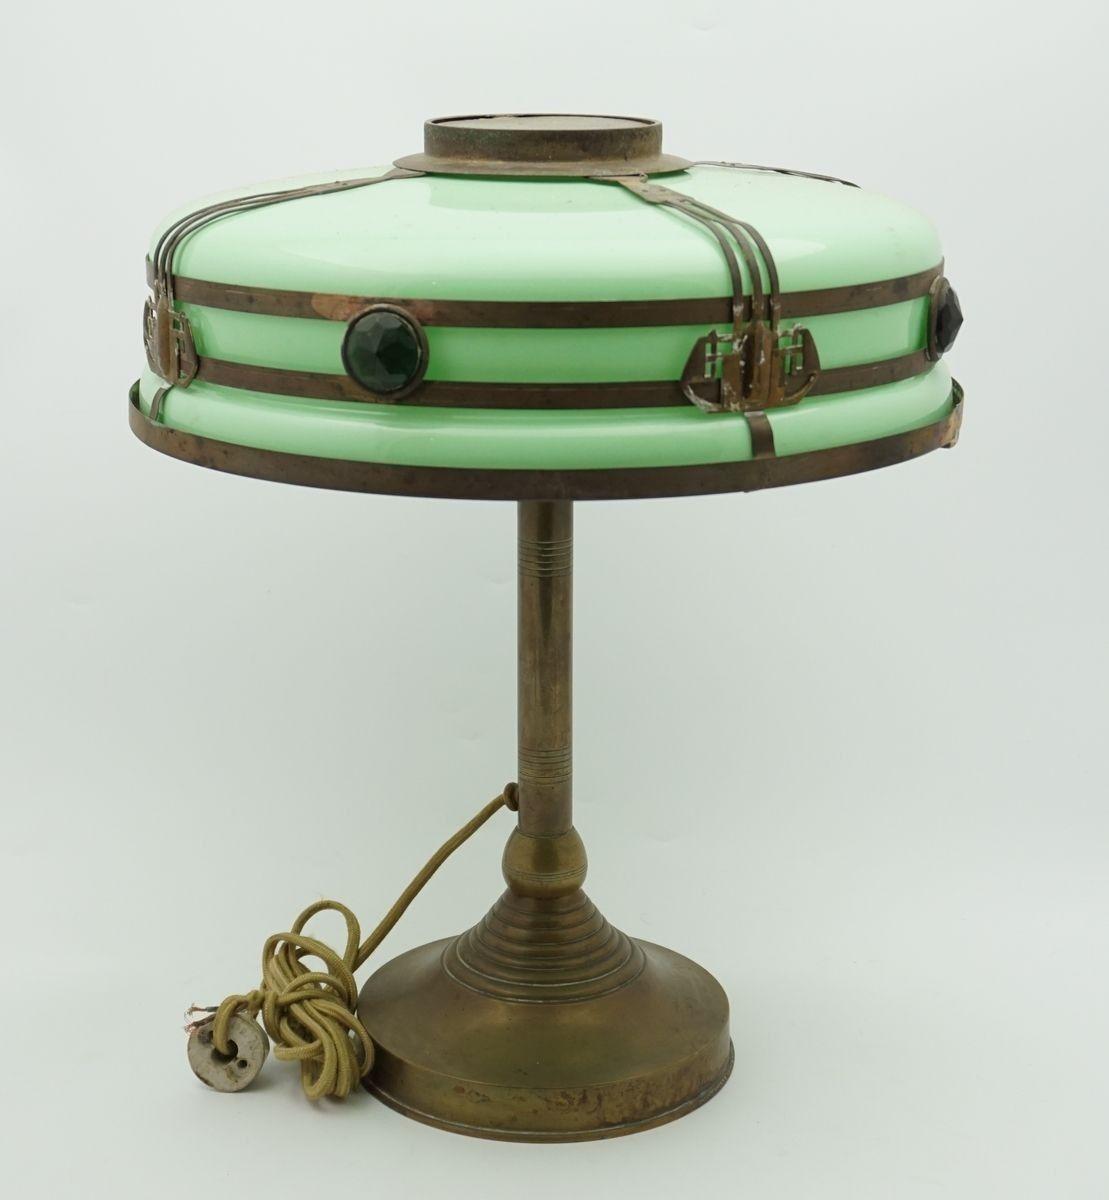 Lamps Antiques Antique Brass Desk Lamp Art Deco Style For Bedroom Decor